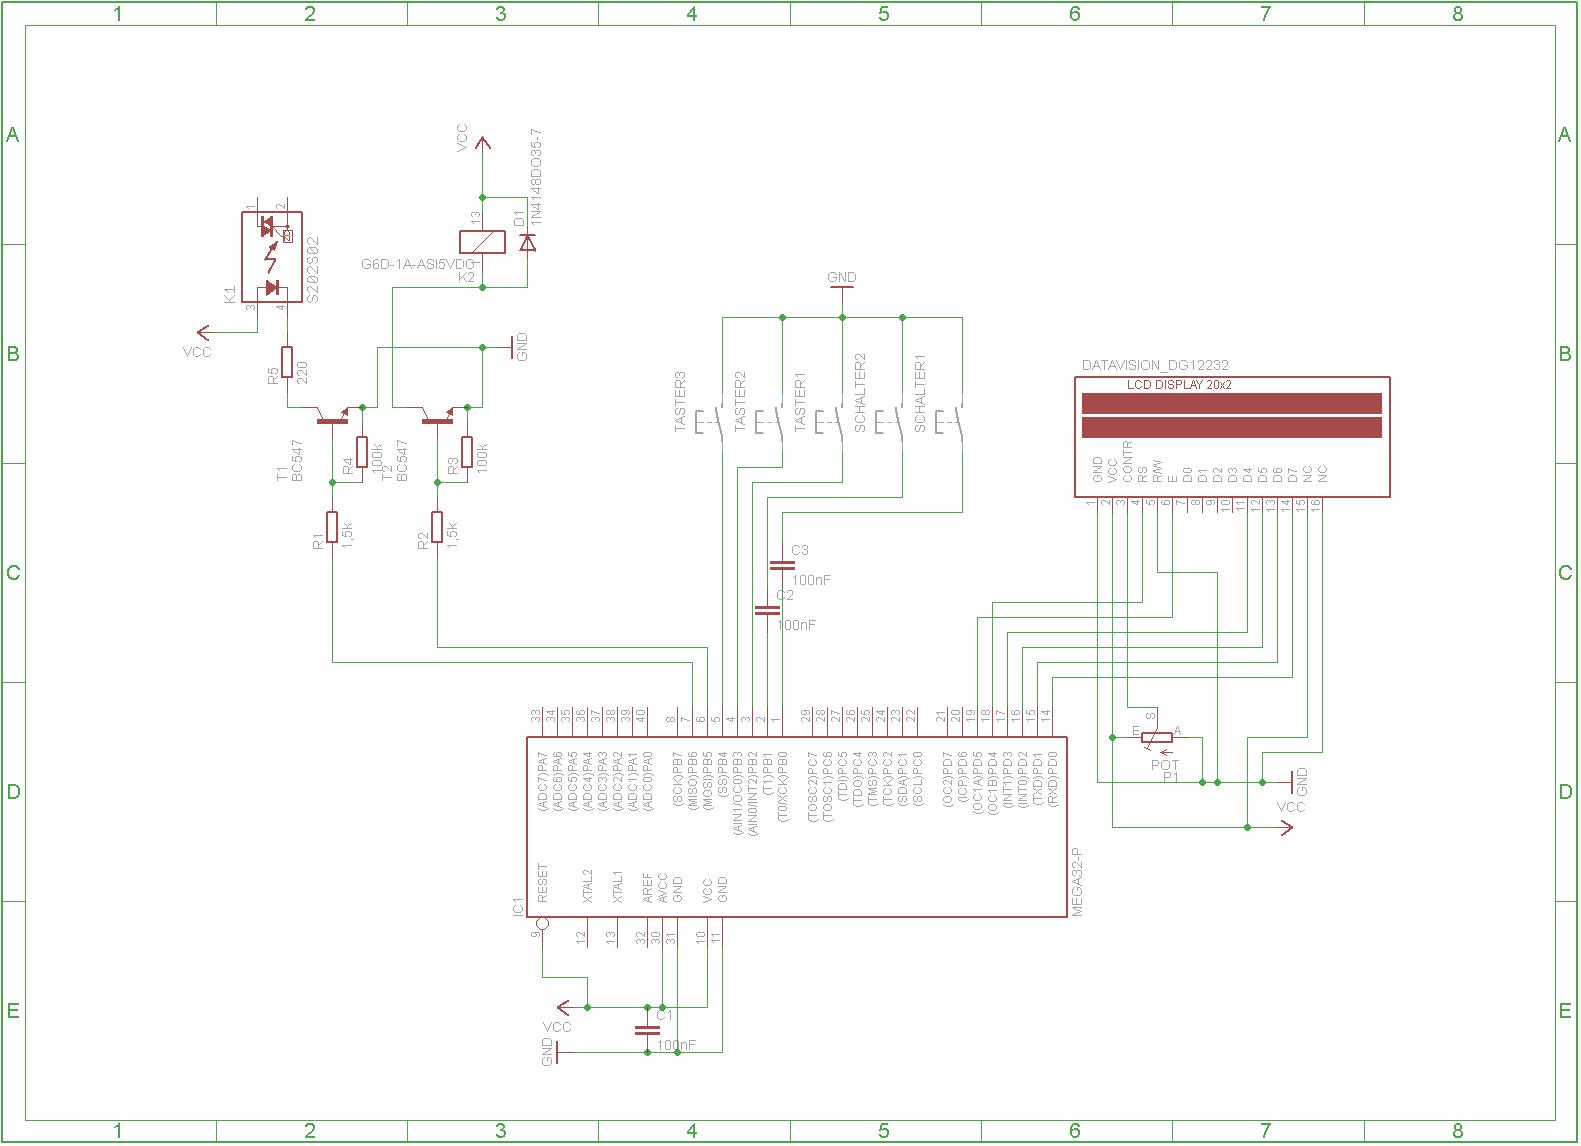 Tolle 24v Relais Schaltplan Galerie - Elektrische Schaltplan-Ideen ...